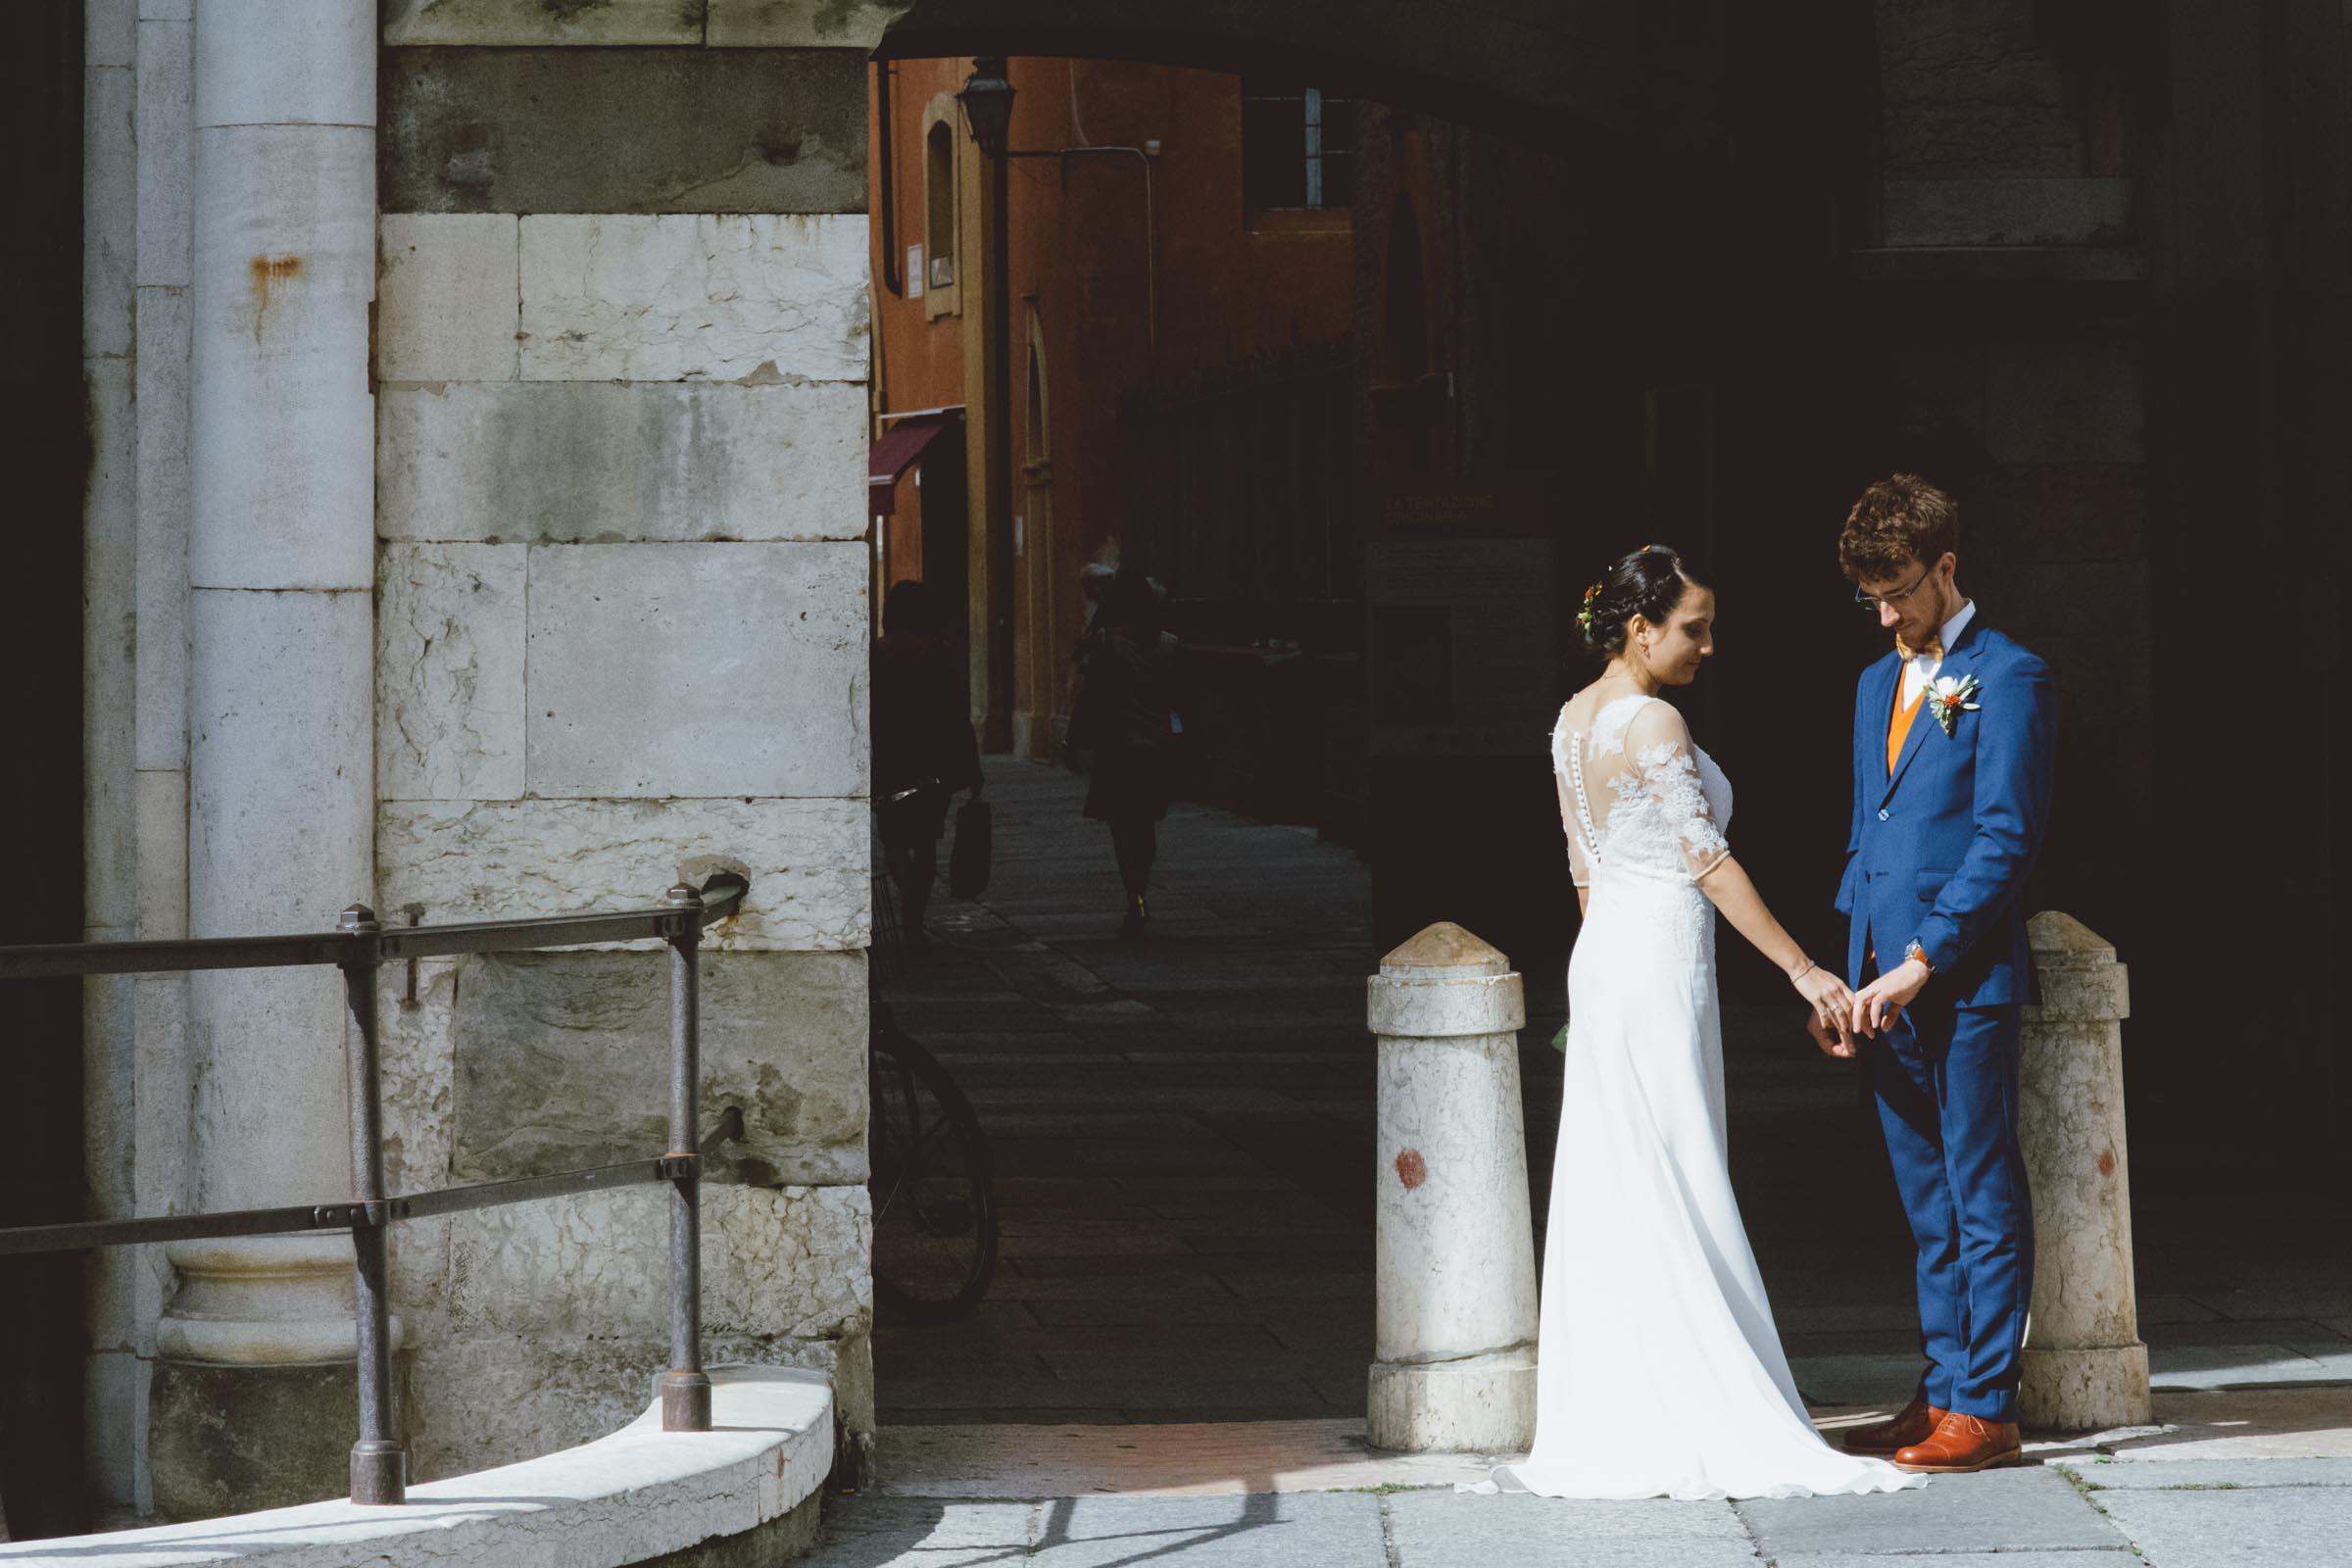 fotografo matrimonio milano monza brianza wedding destination reportage fine art nozze max allegritti